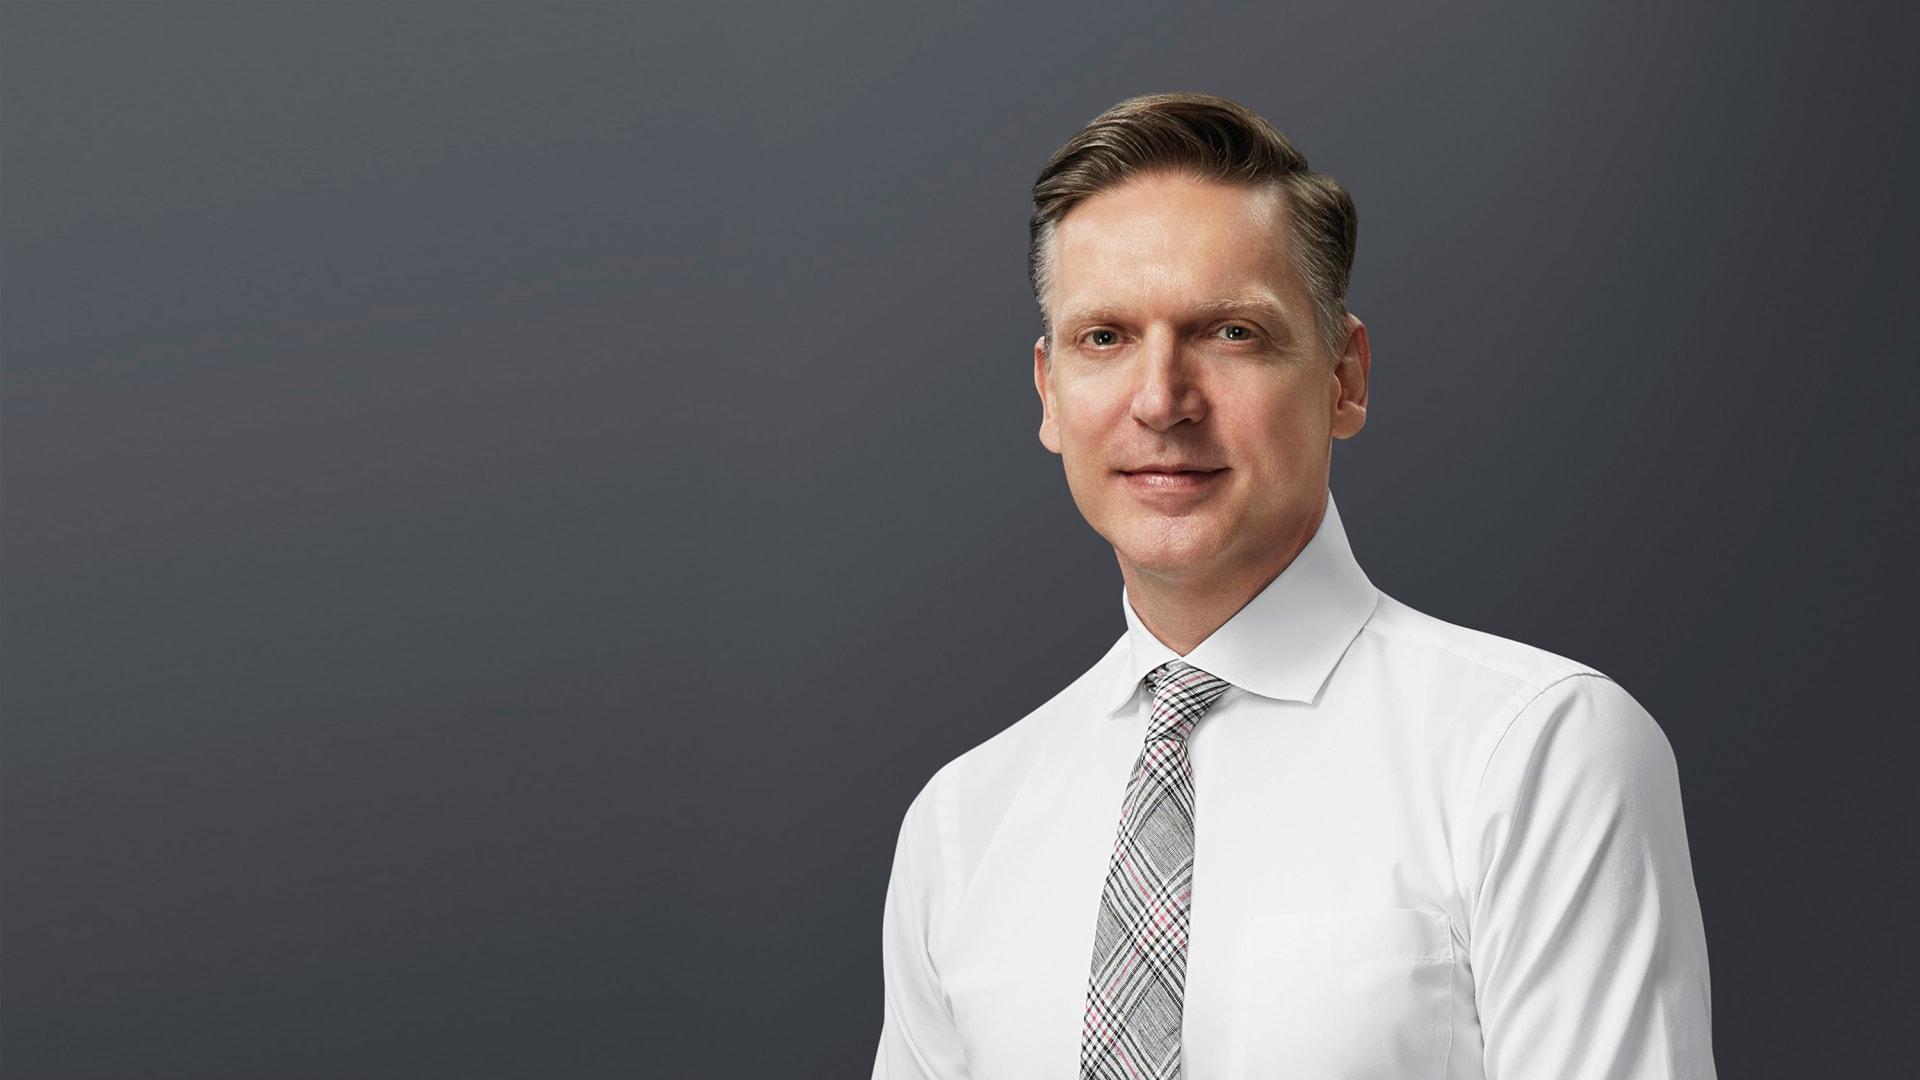 Wunderman Thompspn LEADERS Hans Mueller